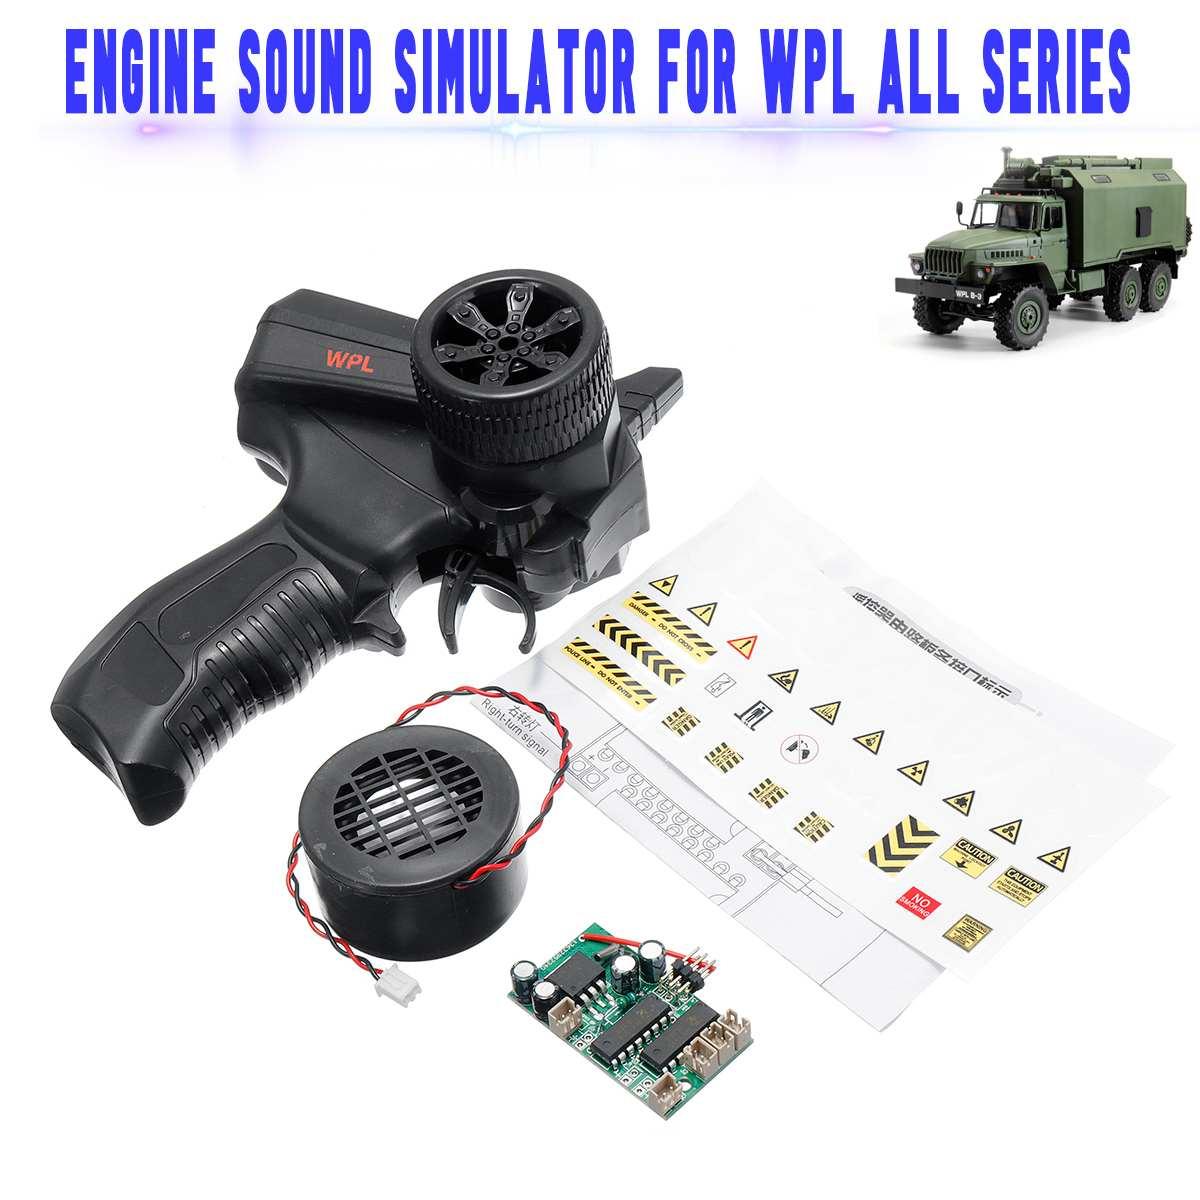 Pour tous les modèles de voiture télécommandés de WPL KIT Version série RC voiture moteur son simulateur 4 canaux pièces télécommande